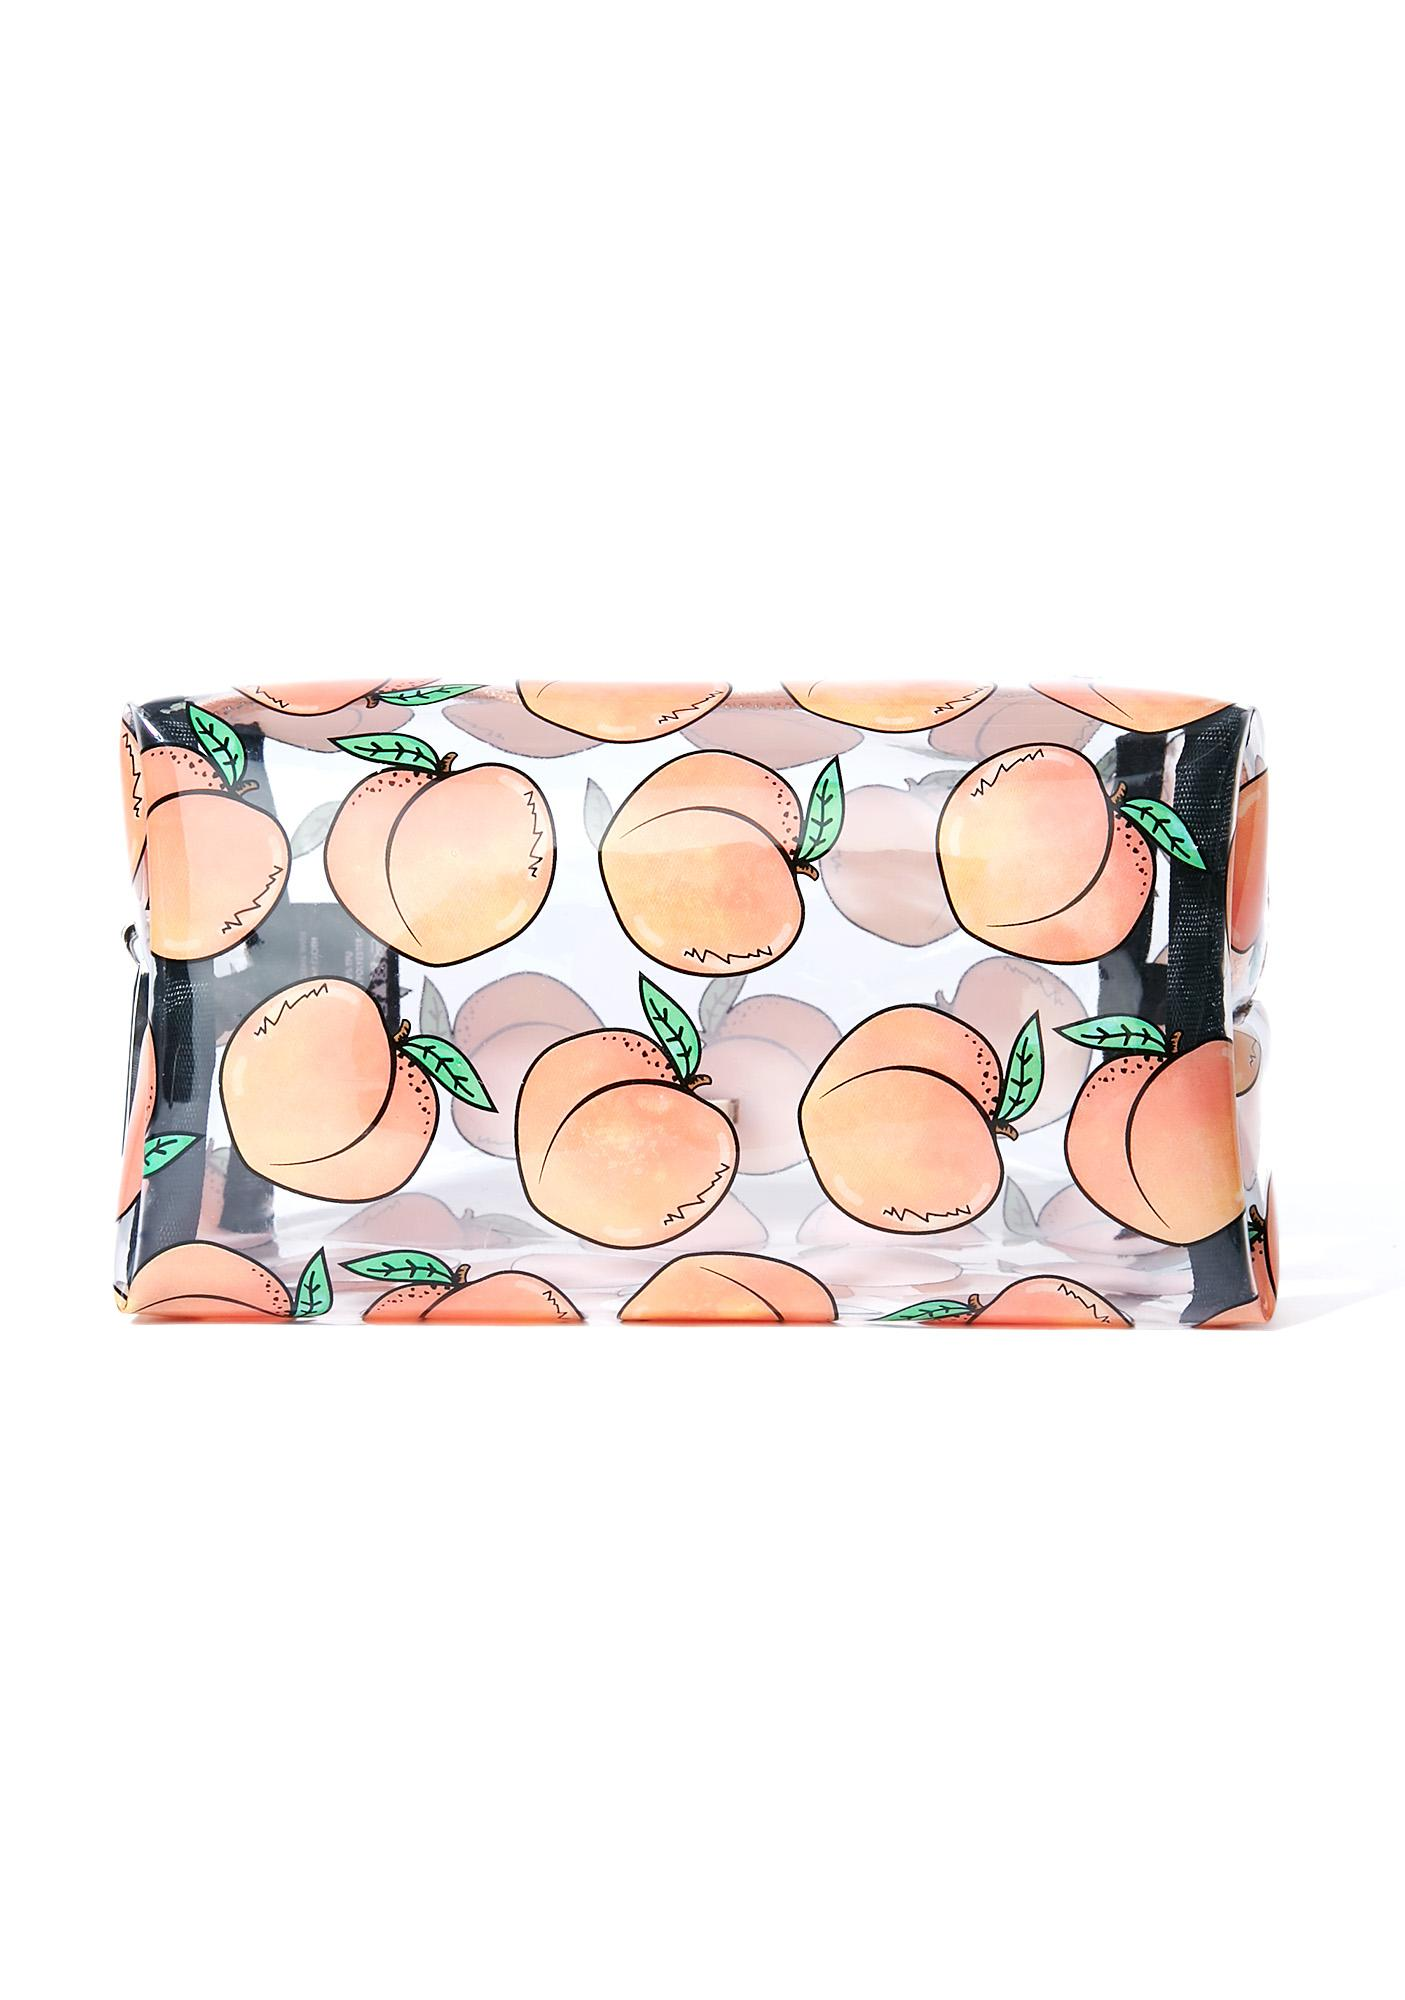 Skinnydip Peachy Makeup Bag